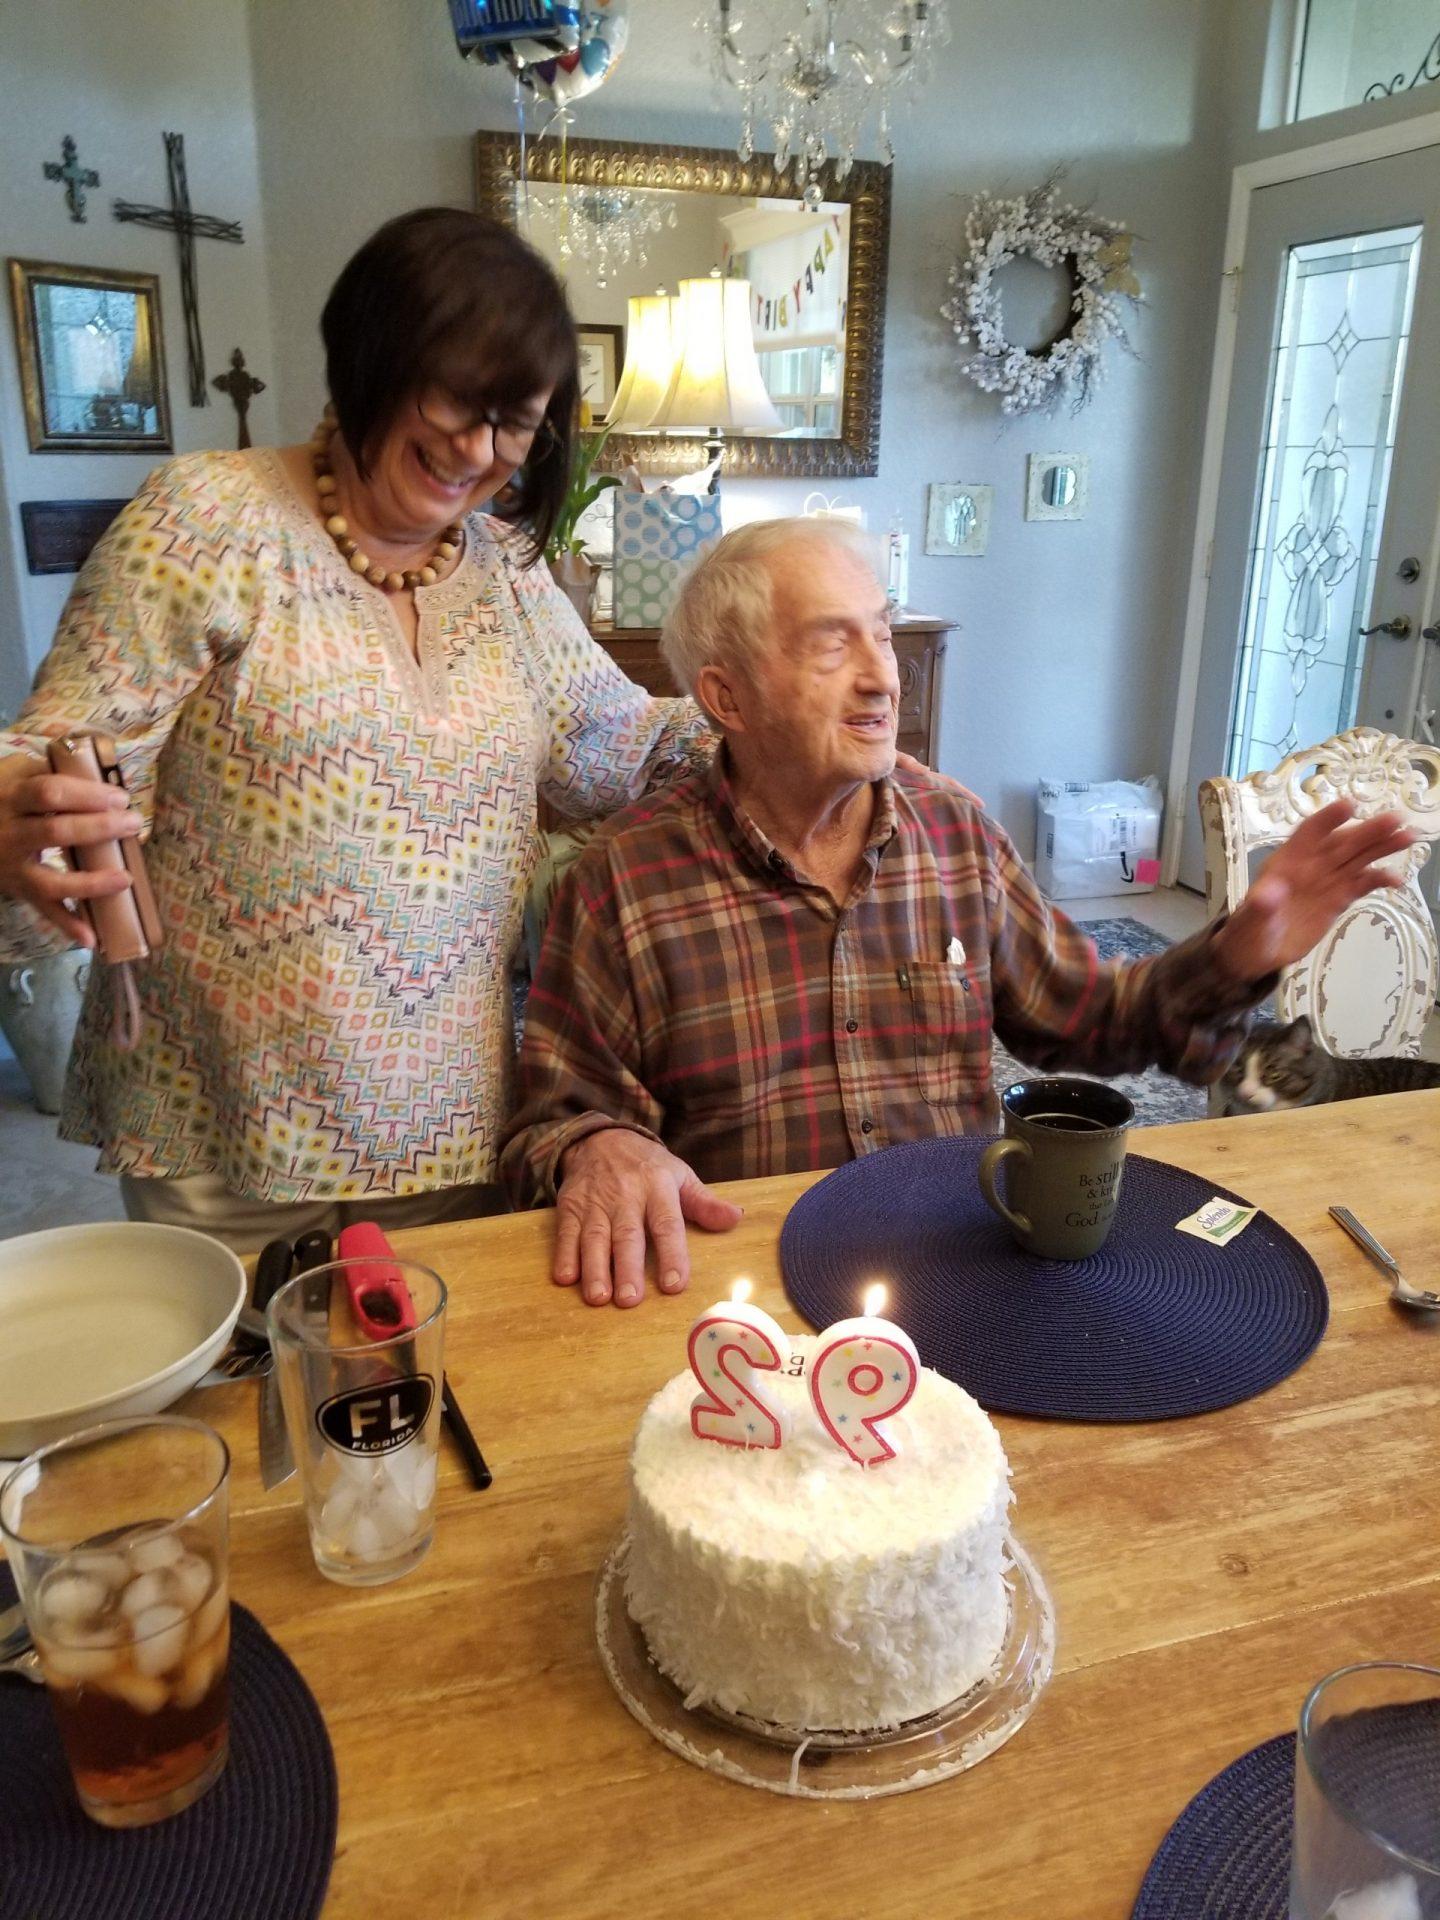 David's 92nd birthday celebration on April 2nd.